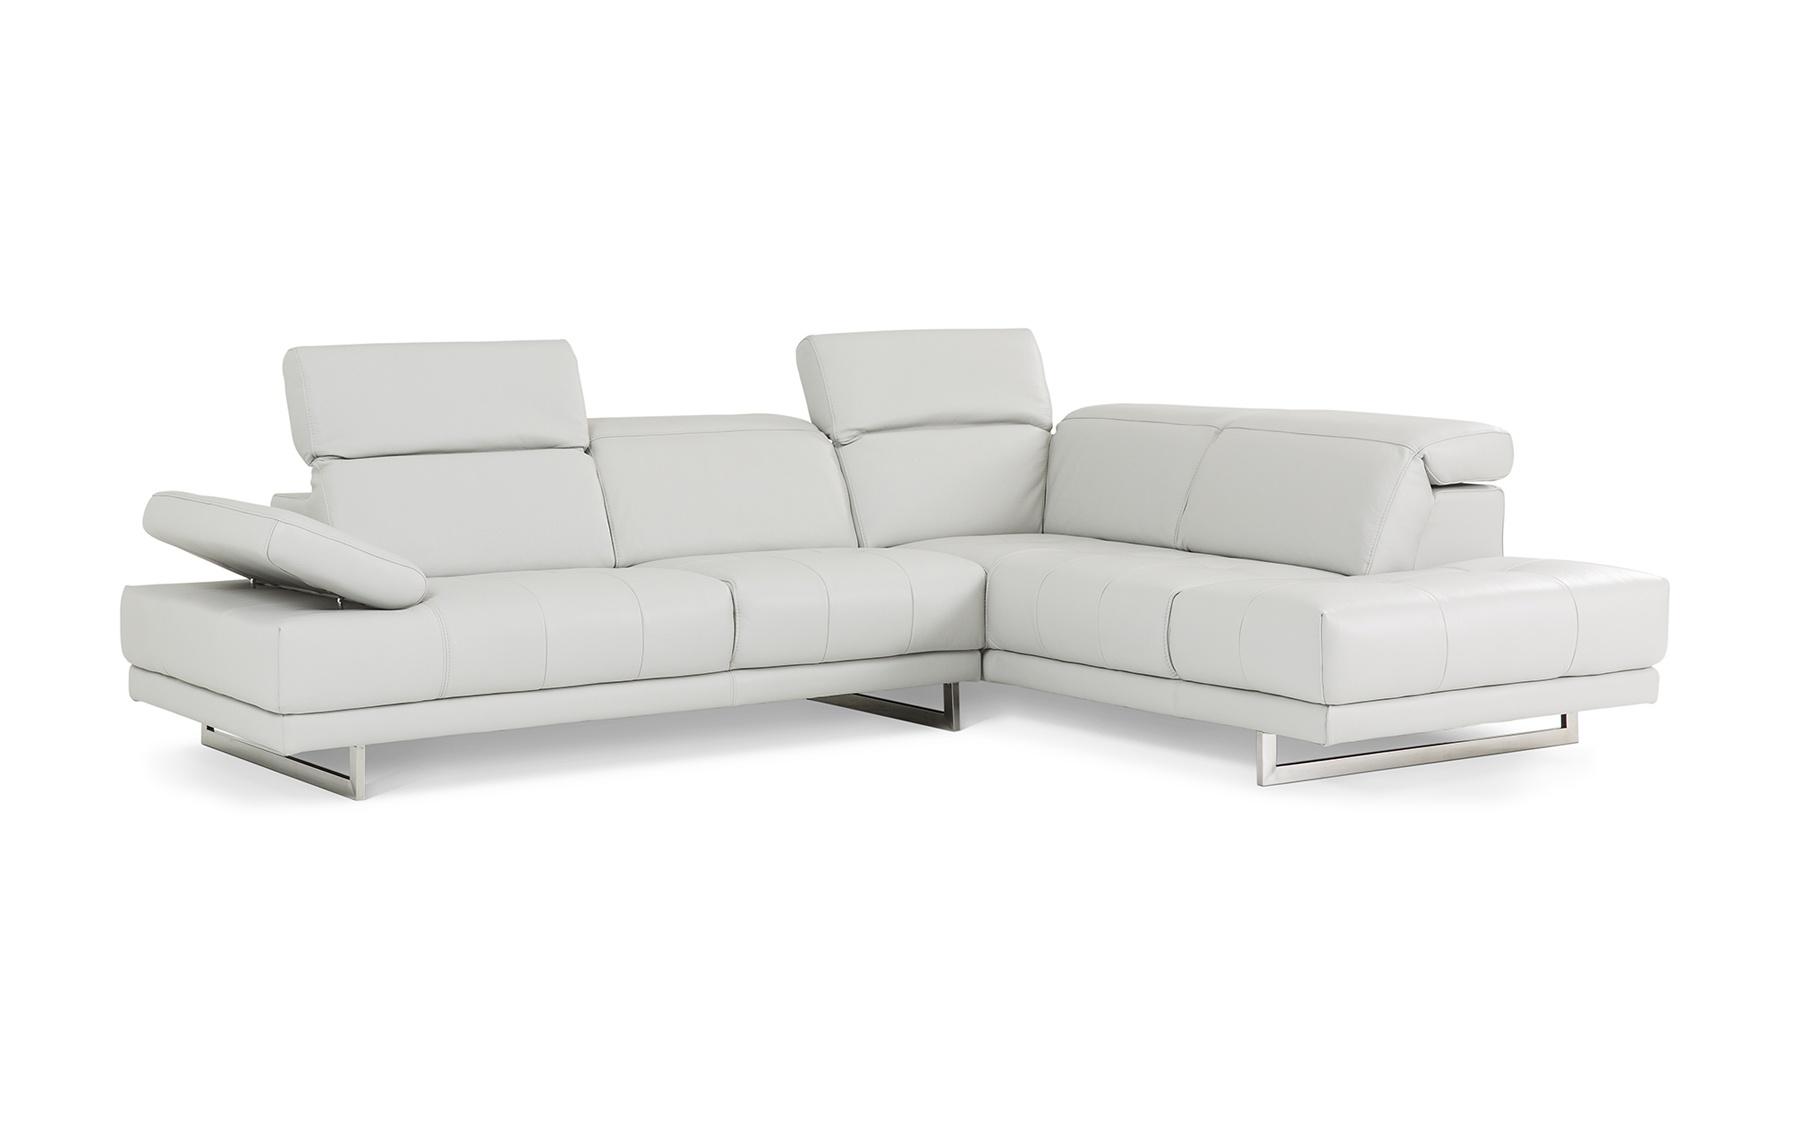 canap composable cuir c796 composables salons la galerie du meuble. Black Bedroom Furniture Sets. Home Design Ideas